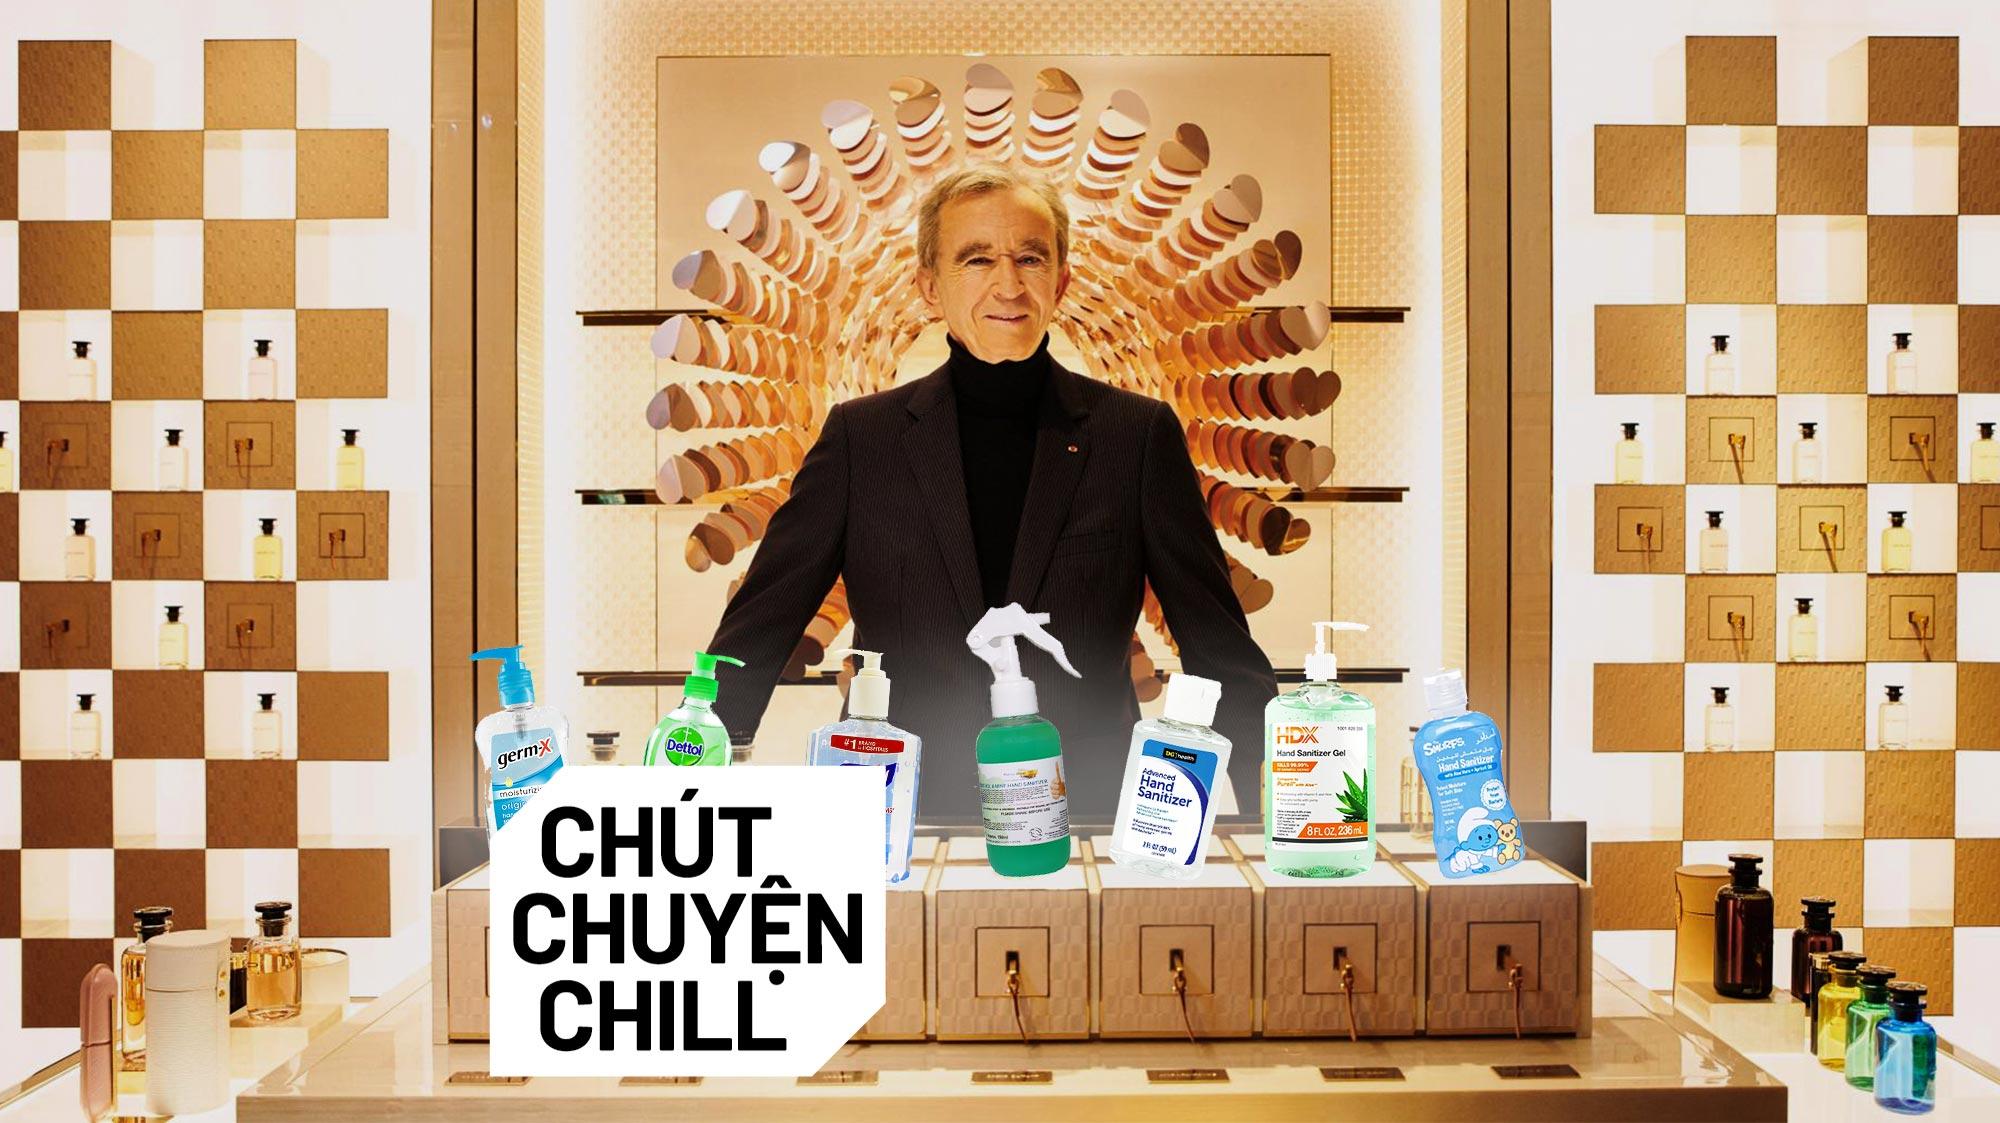 Chút Chuyện Chill: Làng thời trang lần lượt đóng cửa hàng, đi quyên góp, sản xuất khẩu trang vải và nước rửa tay